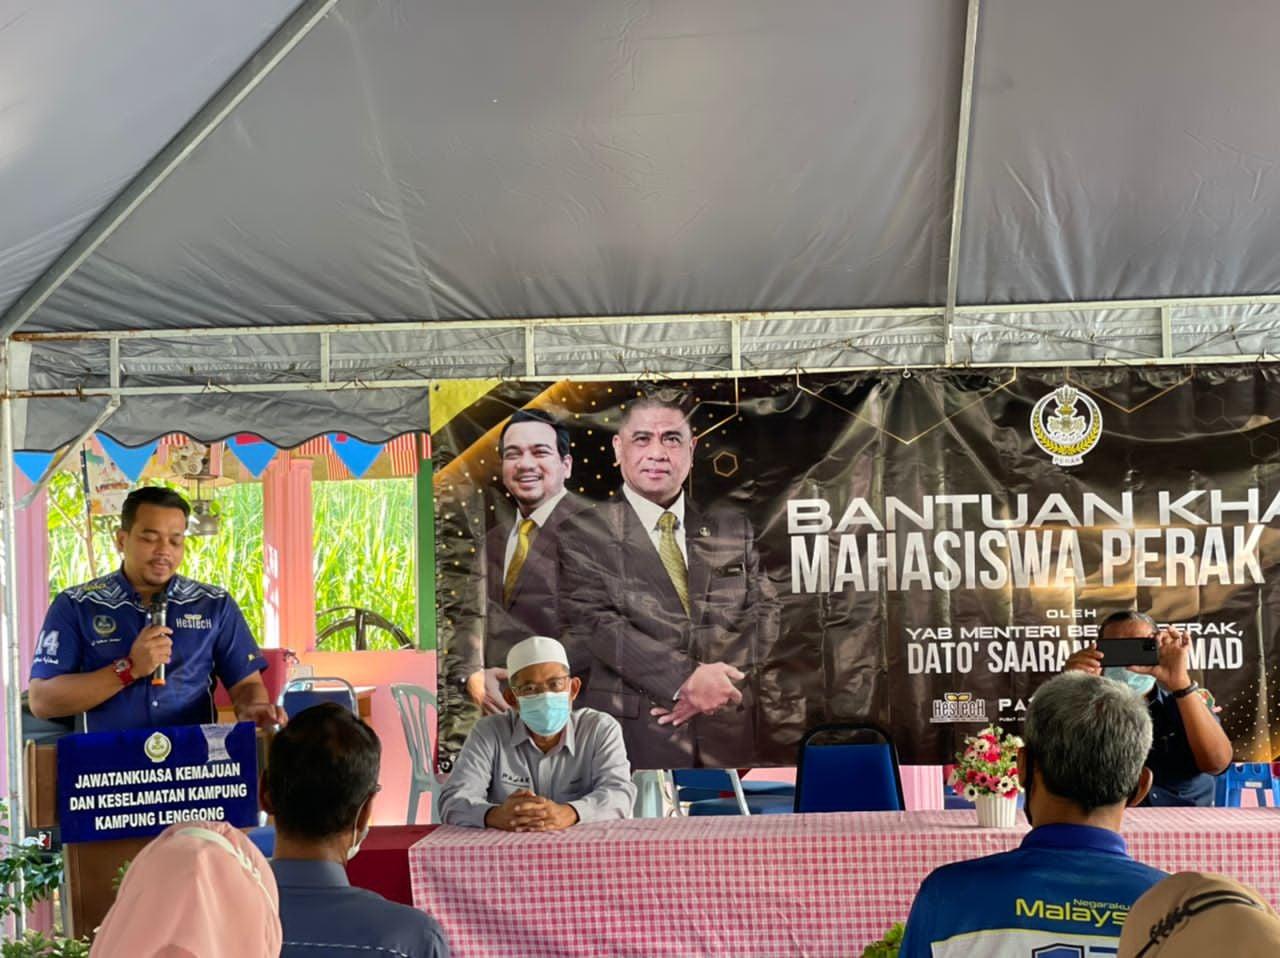 Majlis Penyerahan Bantuan Mahasiswa bagi Daerah Hulu Perak